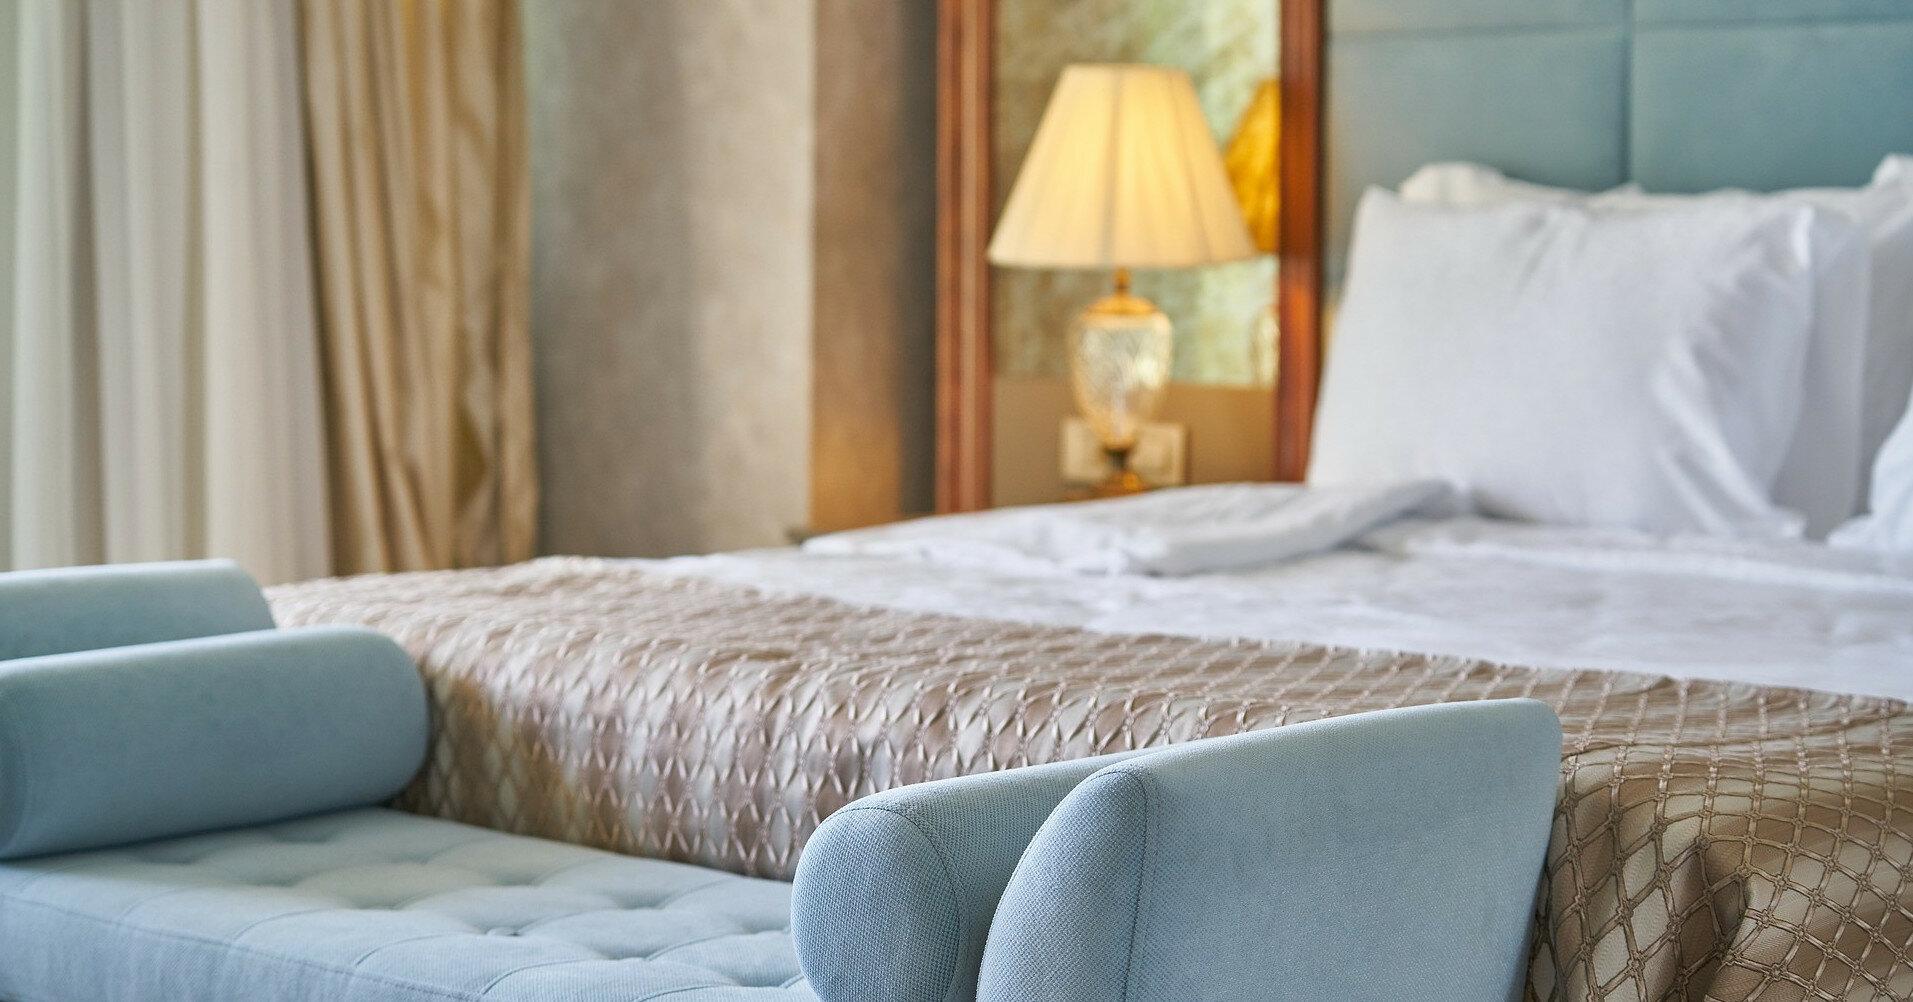 ФЛП разрешат заниматься гостиничным бизнесом